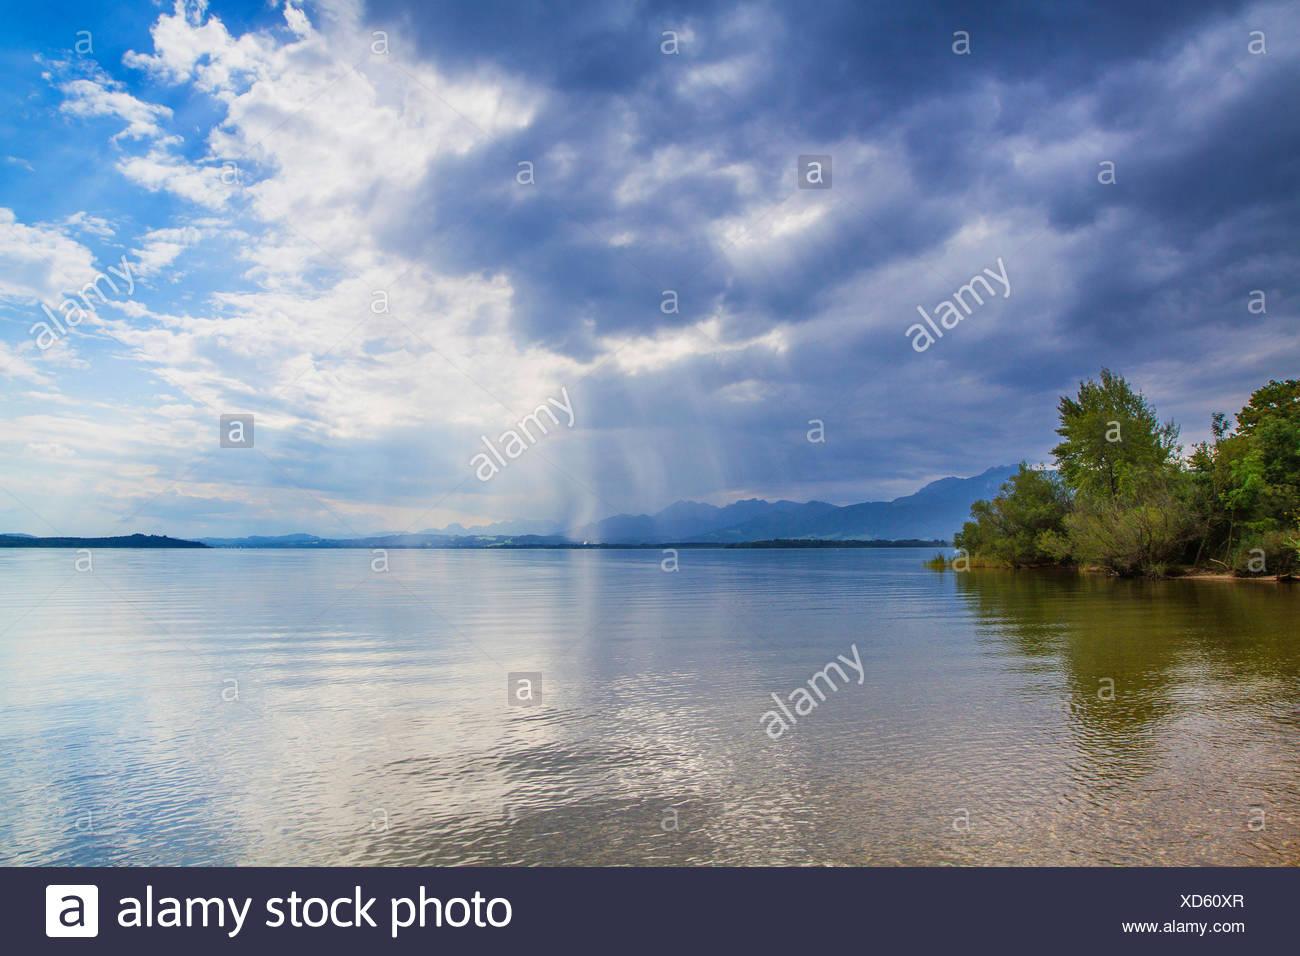 Acercando una tormenta sobre el lago, Alemania, Baviera, el lago Chiemsee Imagen De Stock